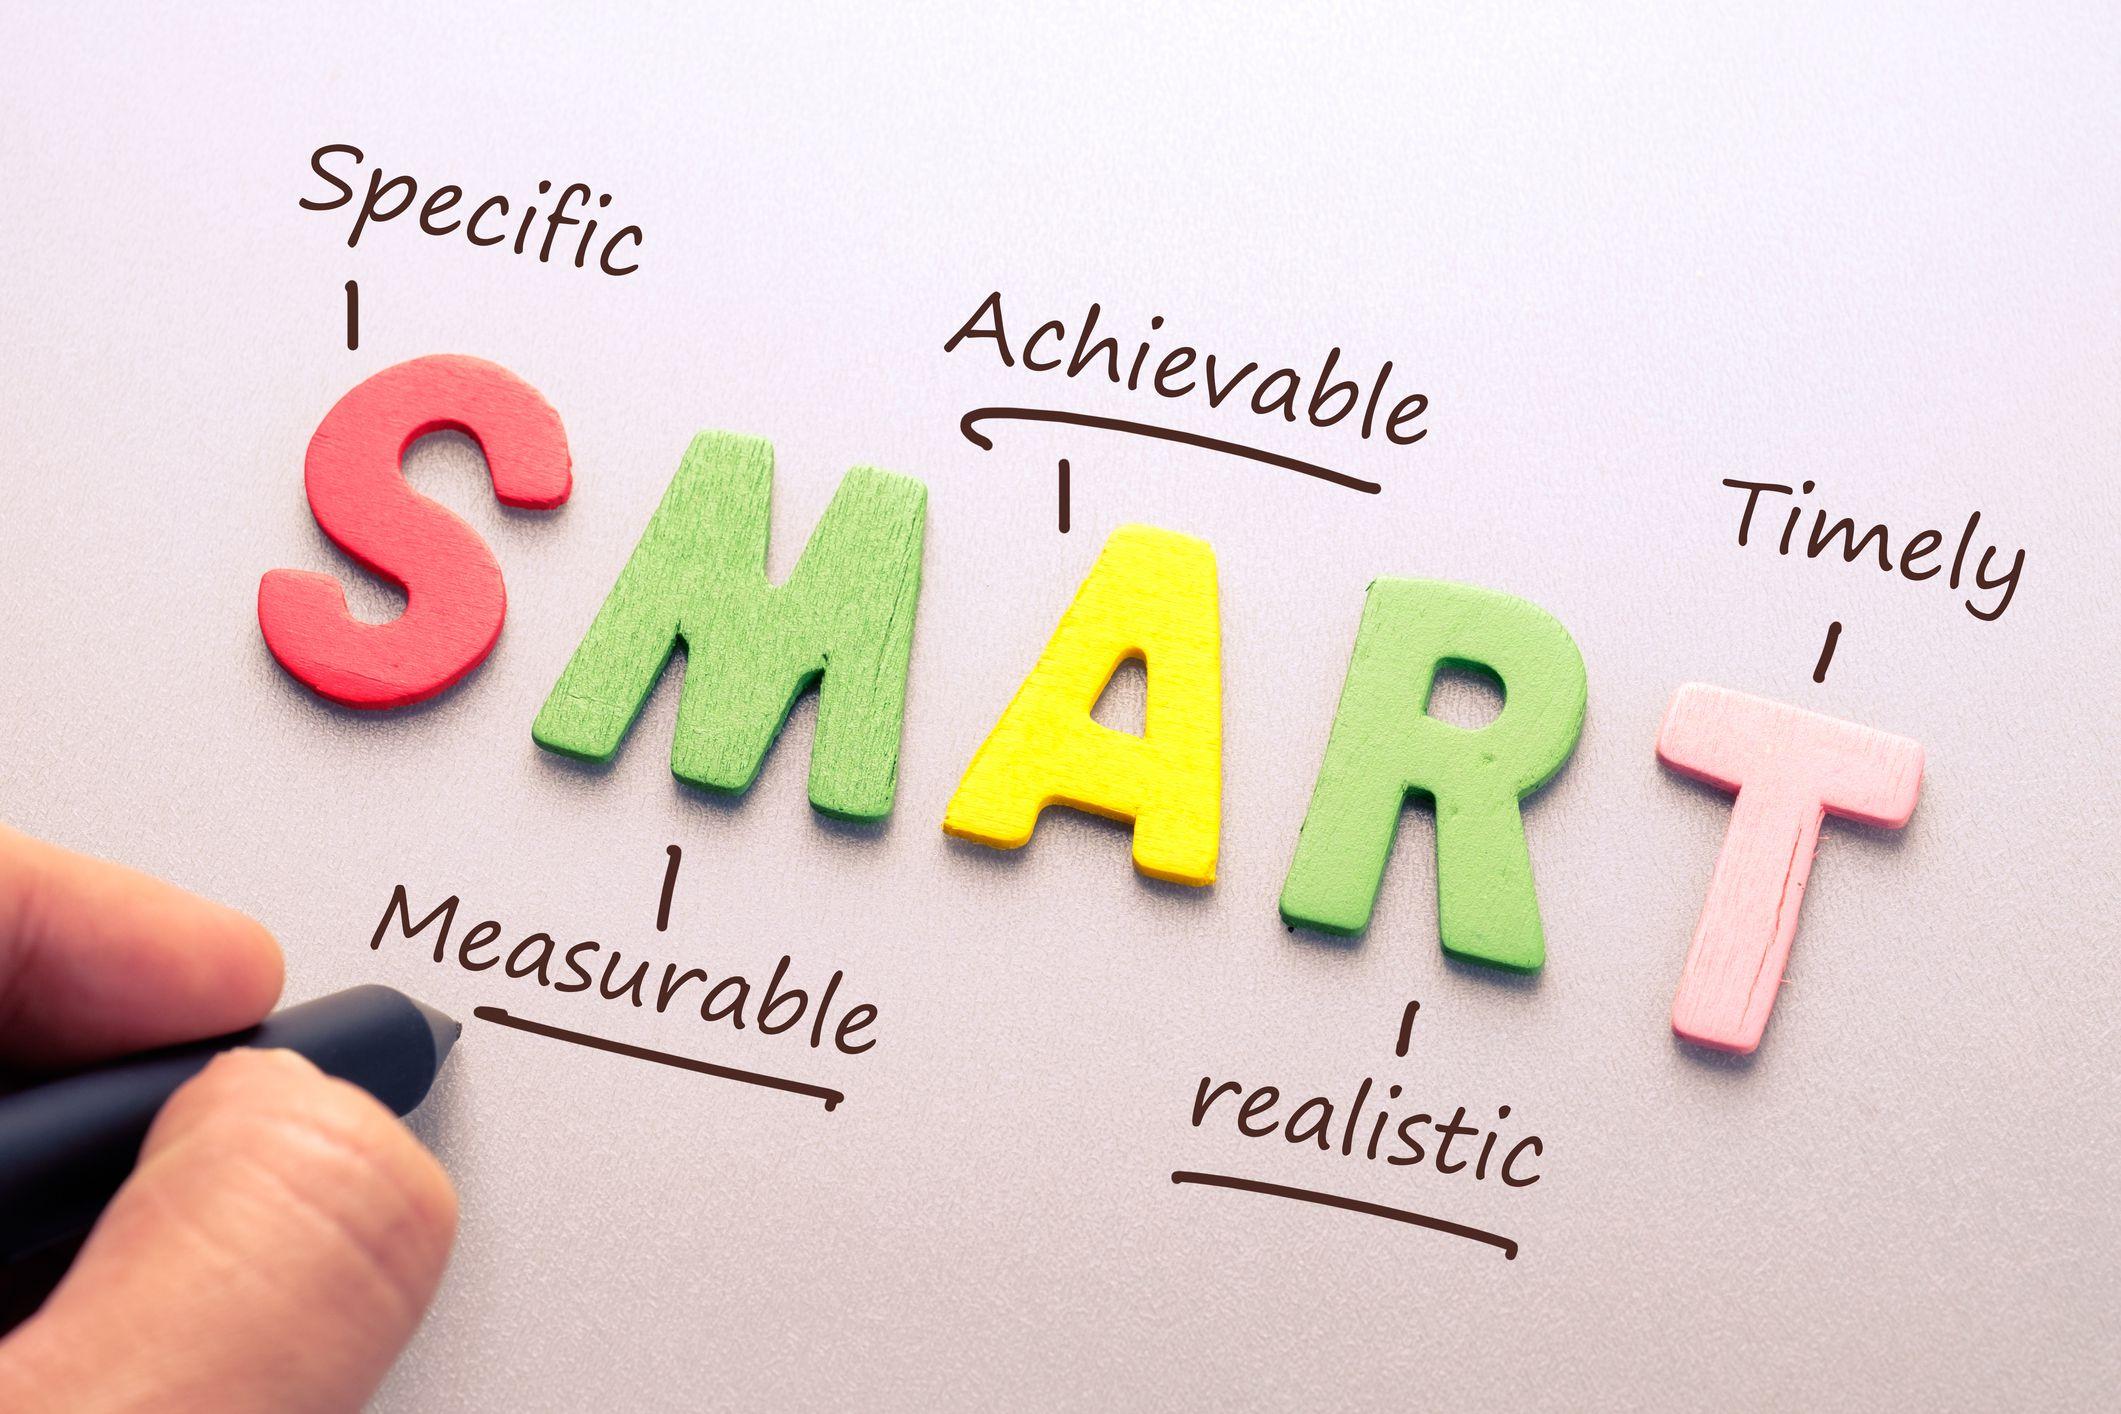 هدف گذاری به روش smart